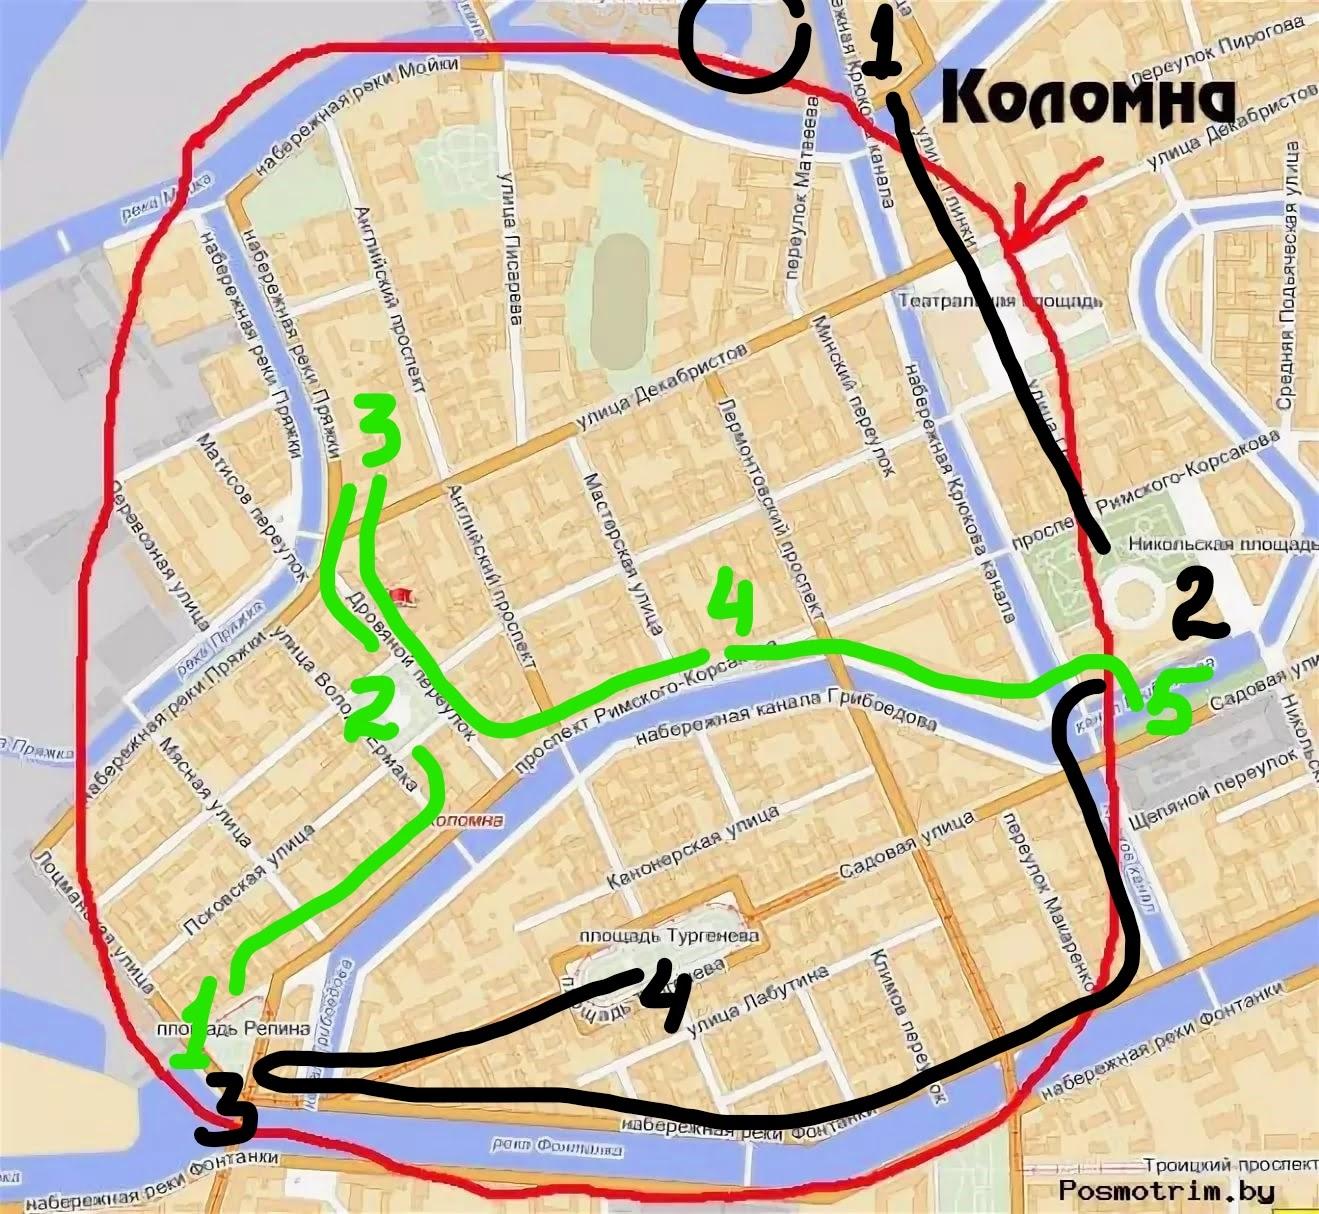 Две прогулки вокруг Коломны, или к Блоку на Пряжку, сентябрь, 2020